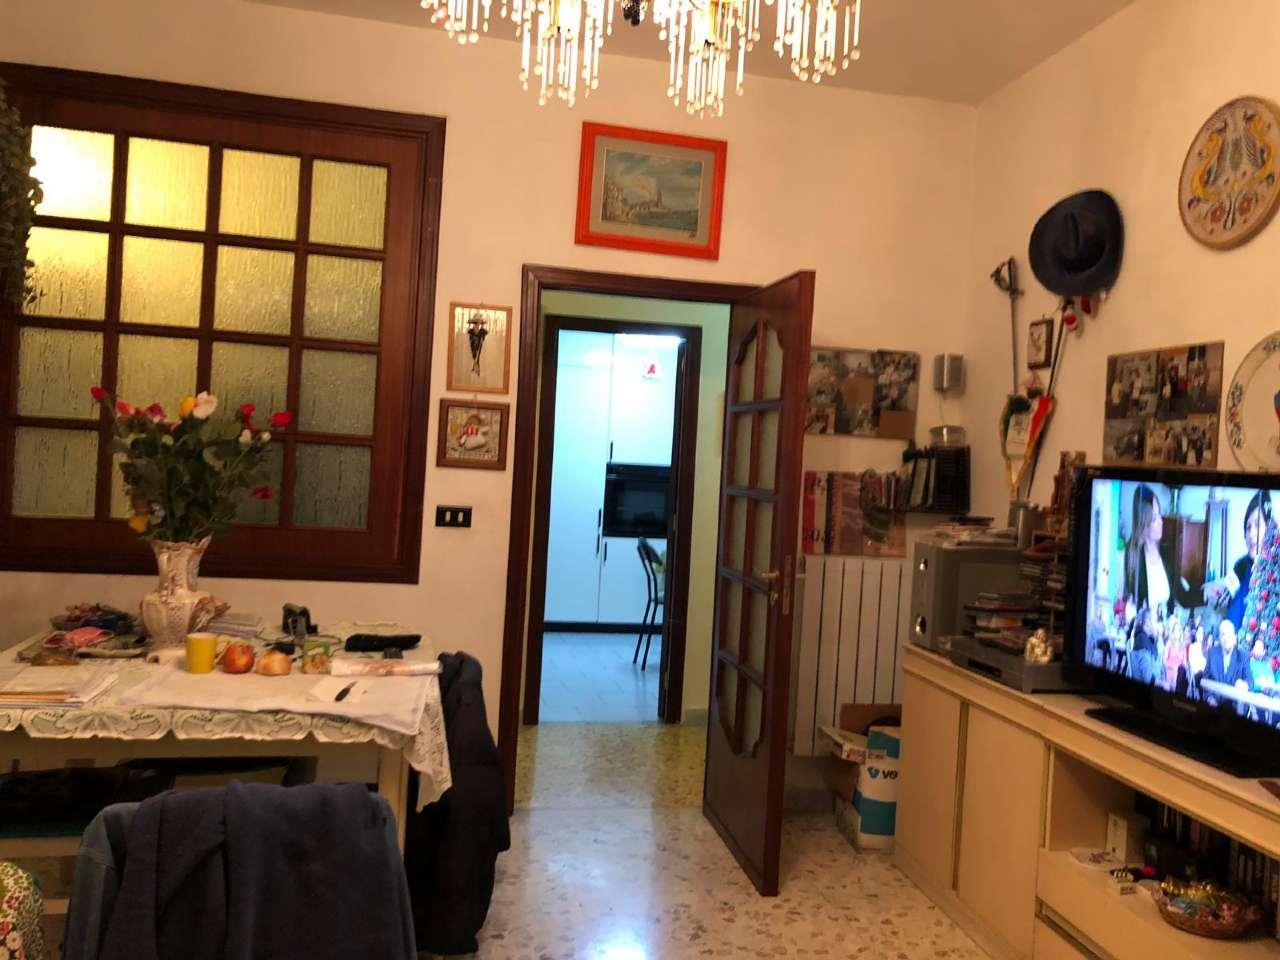 Appartamento in vendita a Napoli, 3 locali, zona Zona: 5 . Vomero, Arenella, prezzo € 380.000   CambioCasa.it